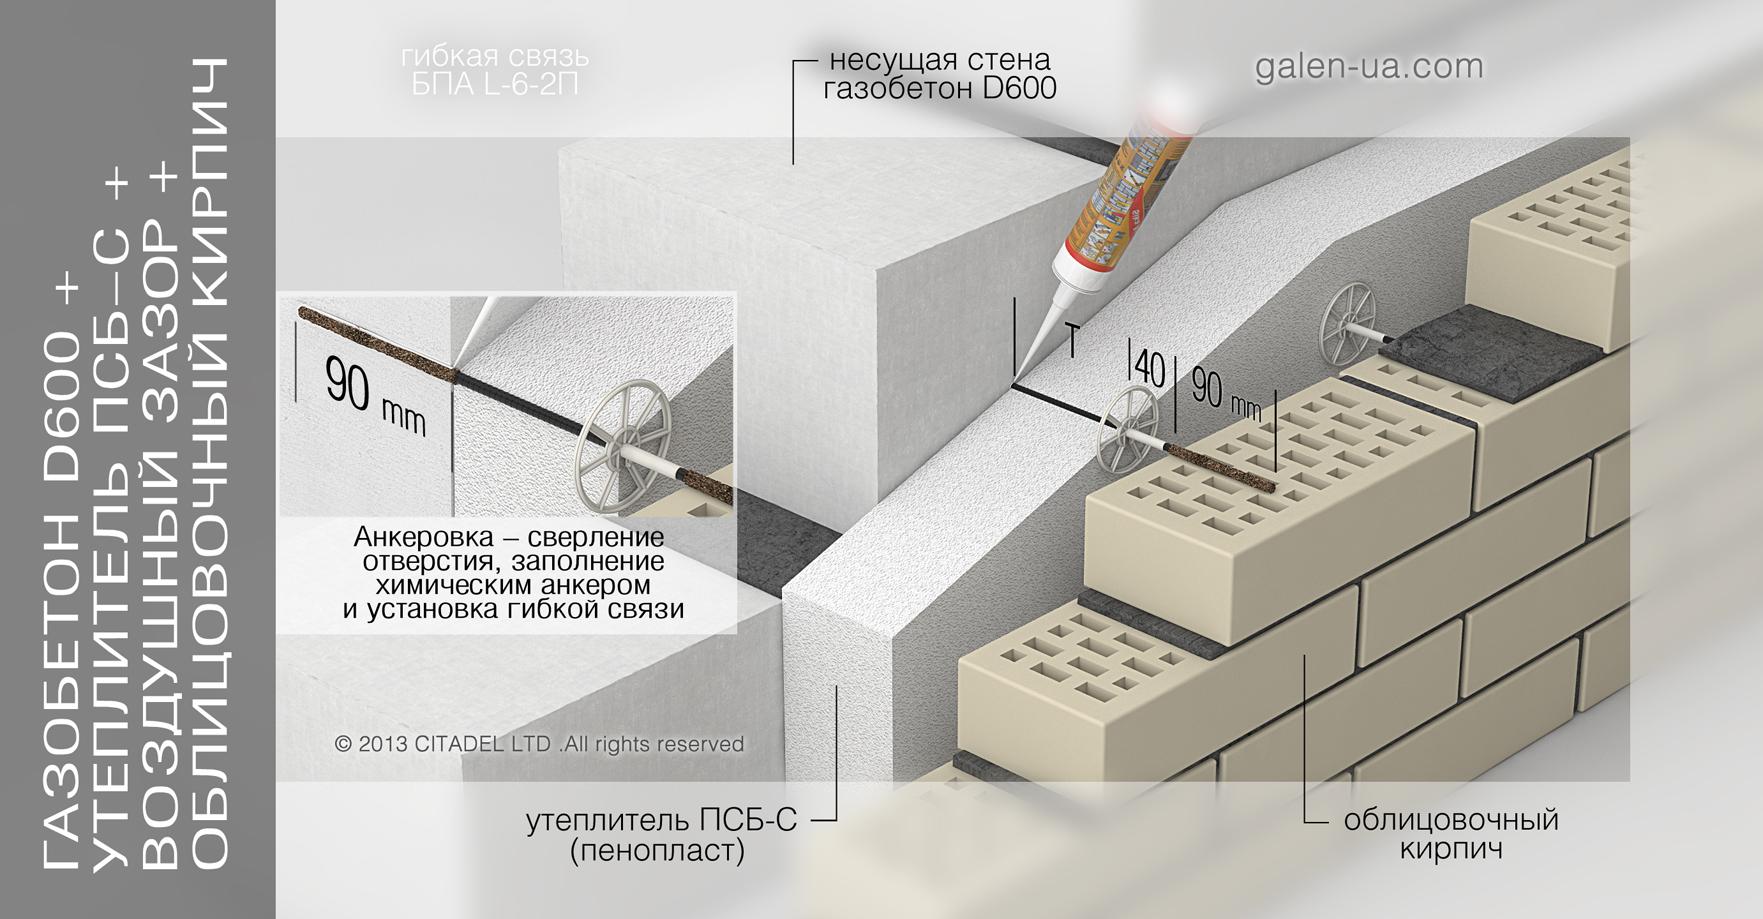 Гибкая связь БПА L-6-2П: Газобетон D600 + Утеплитель ПСБ-С + Воздушный зазор + Облицовочный кирпич